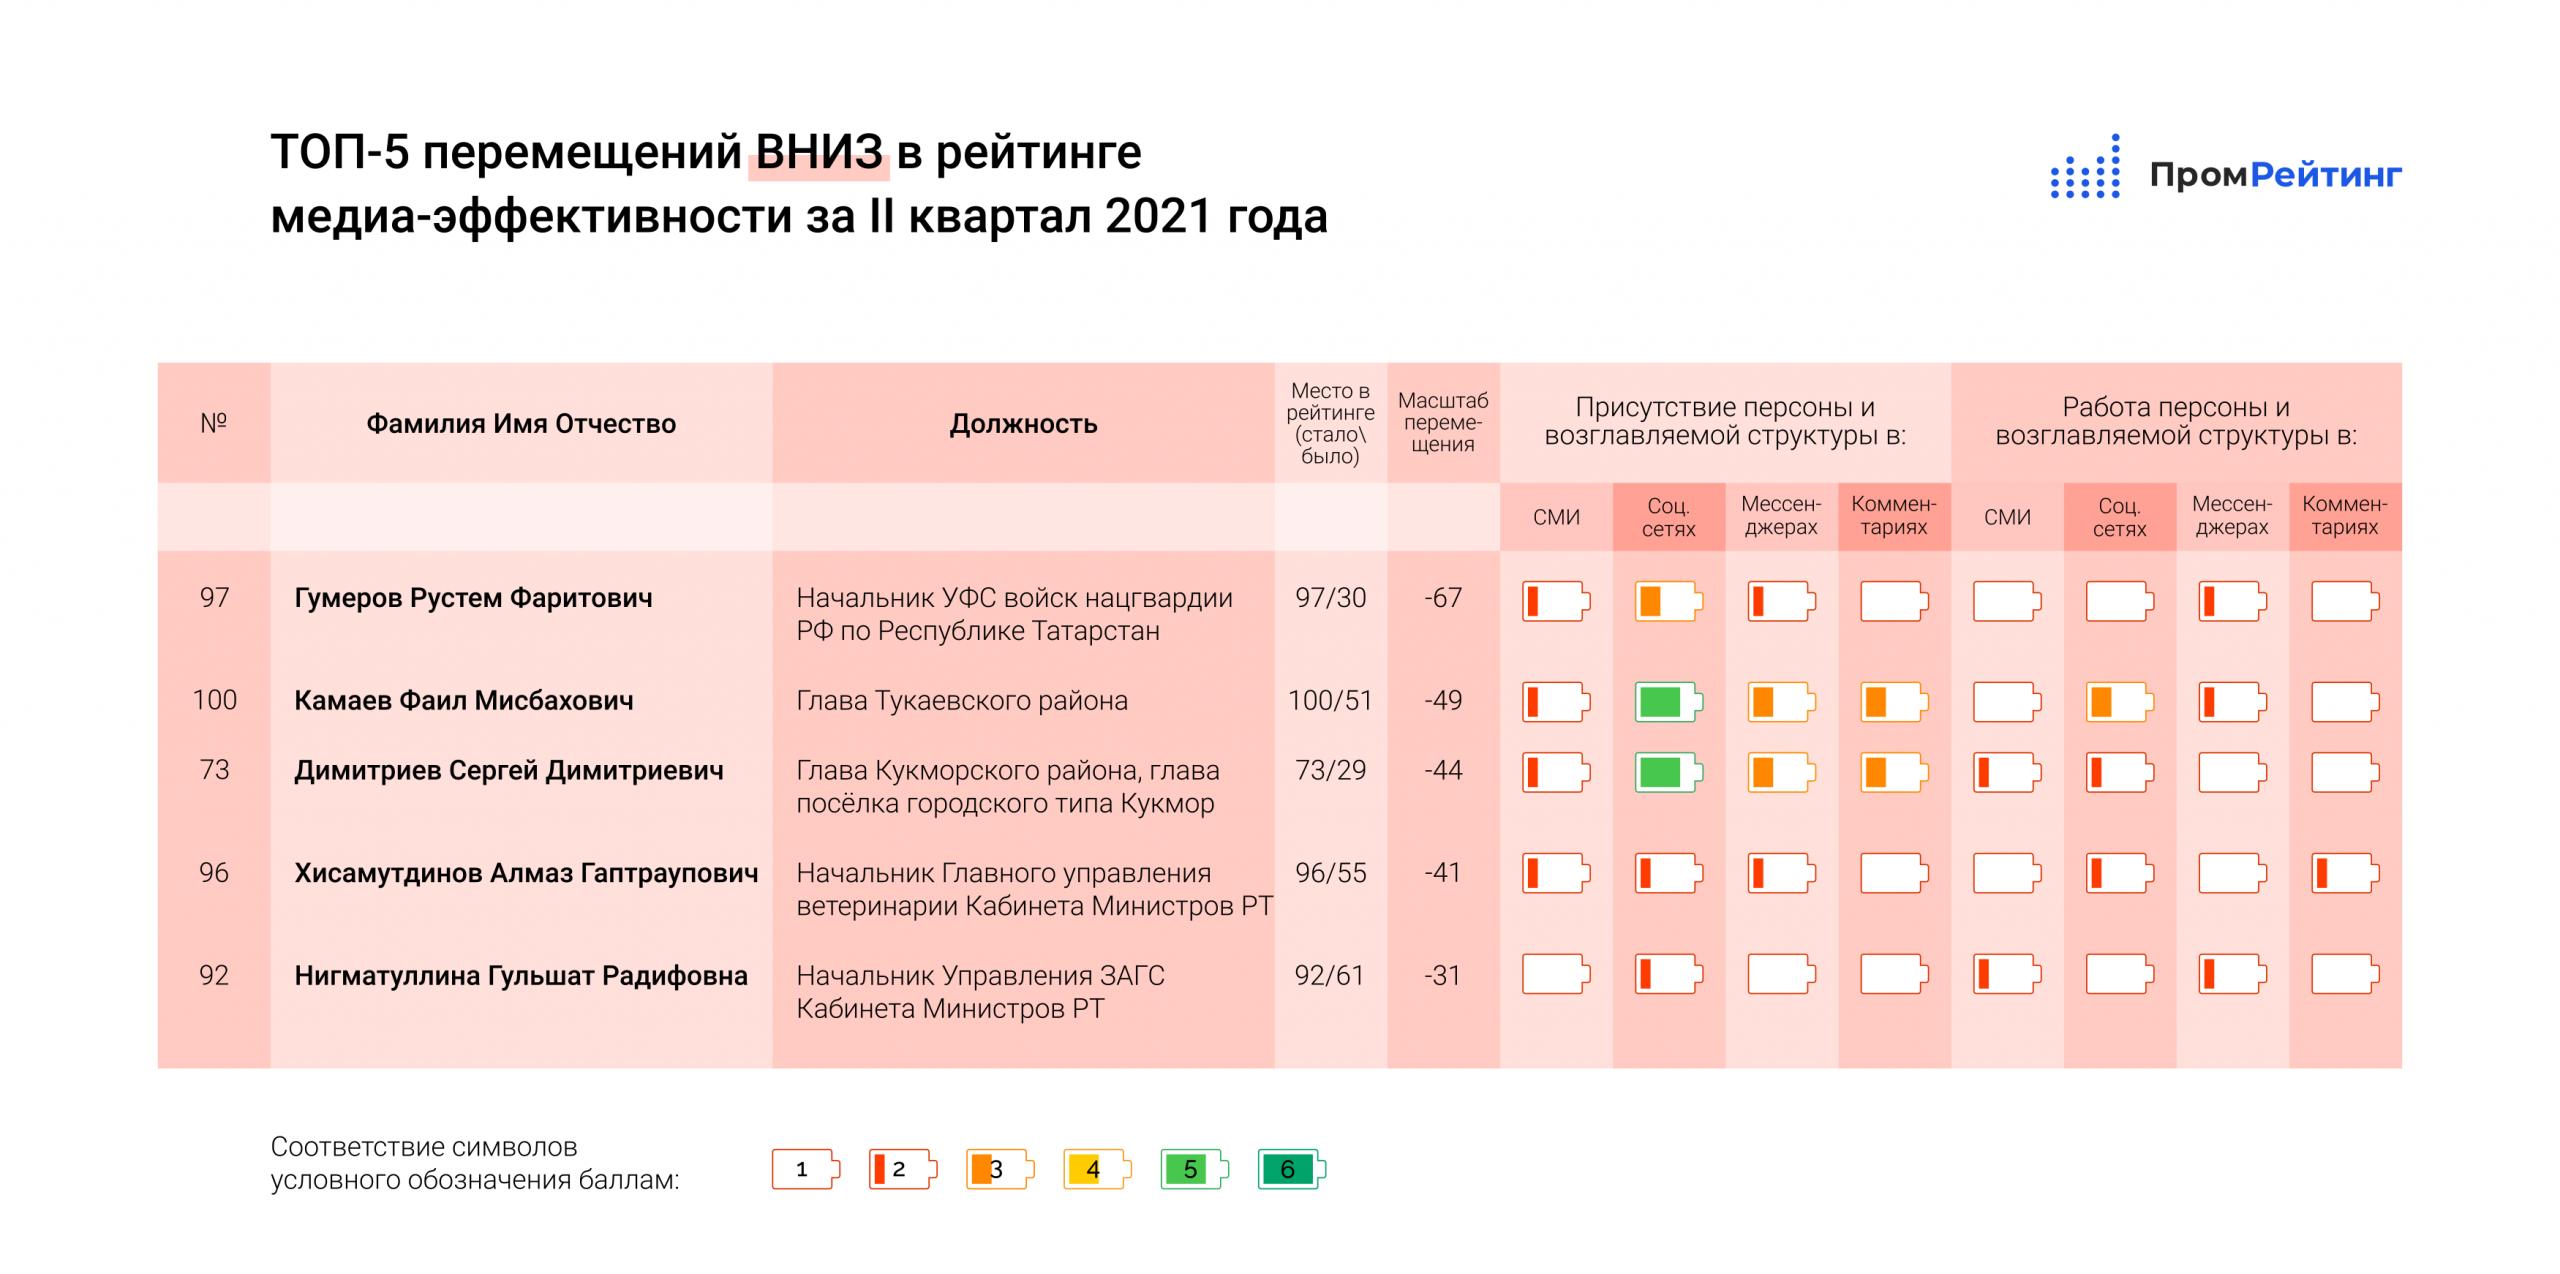 Исследование медиа-эффективности руководителей министерств, ведомств, глав городов и муниципальных районов Республики Татарстан